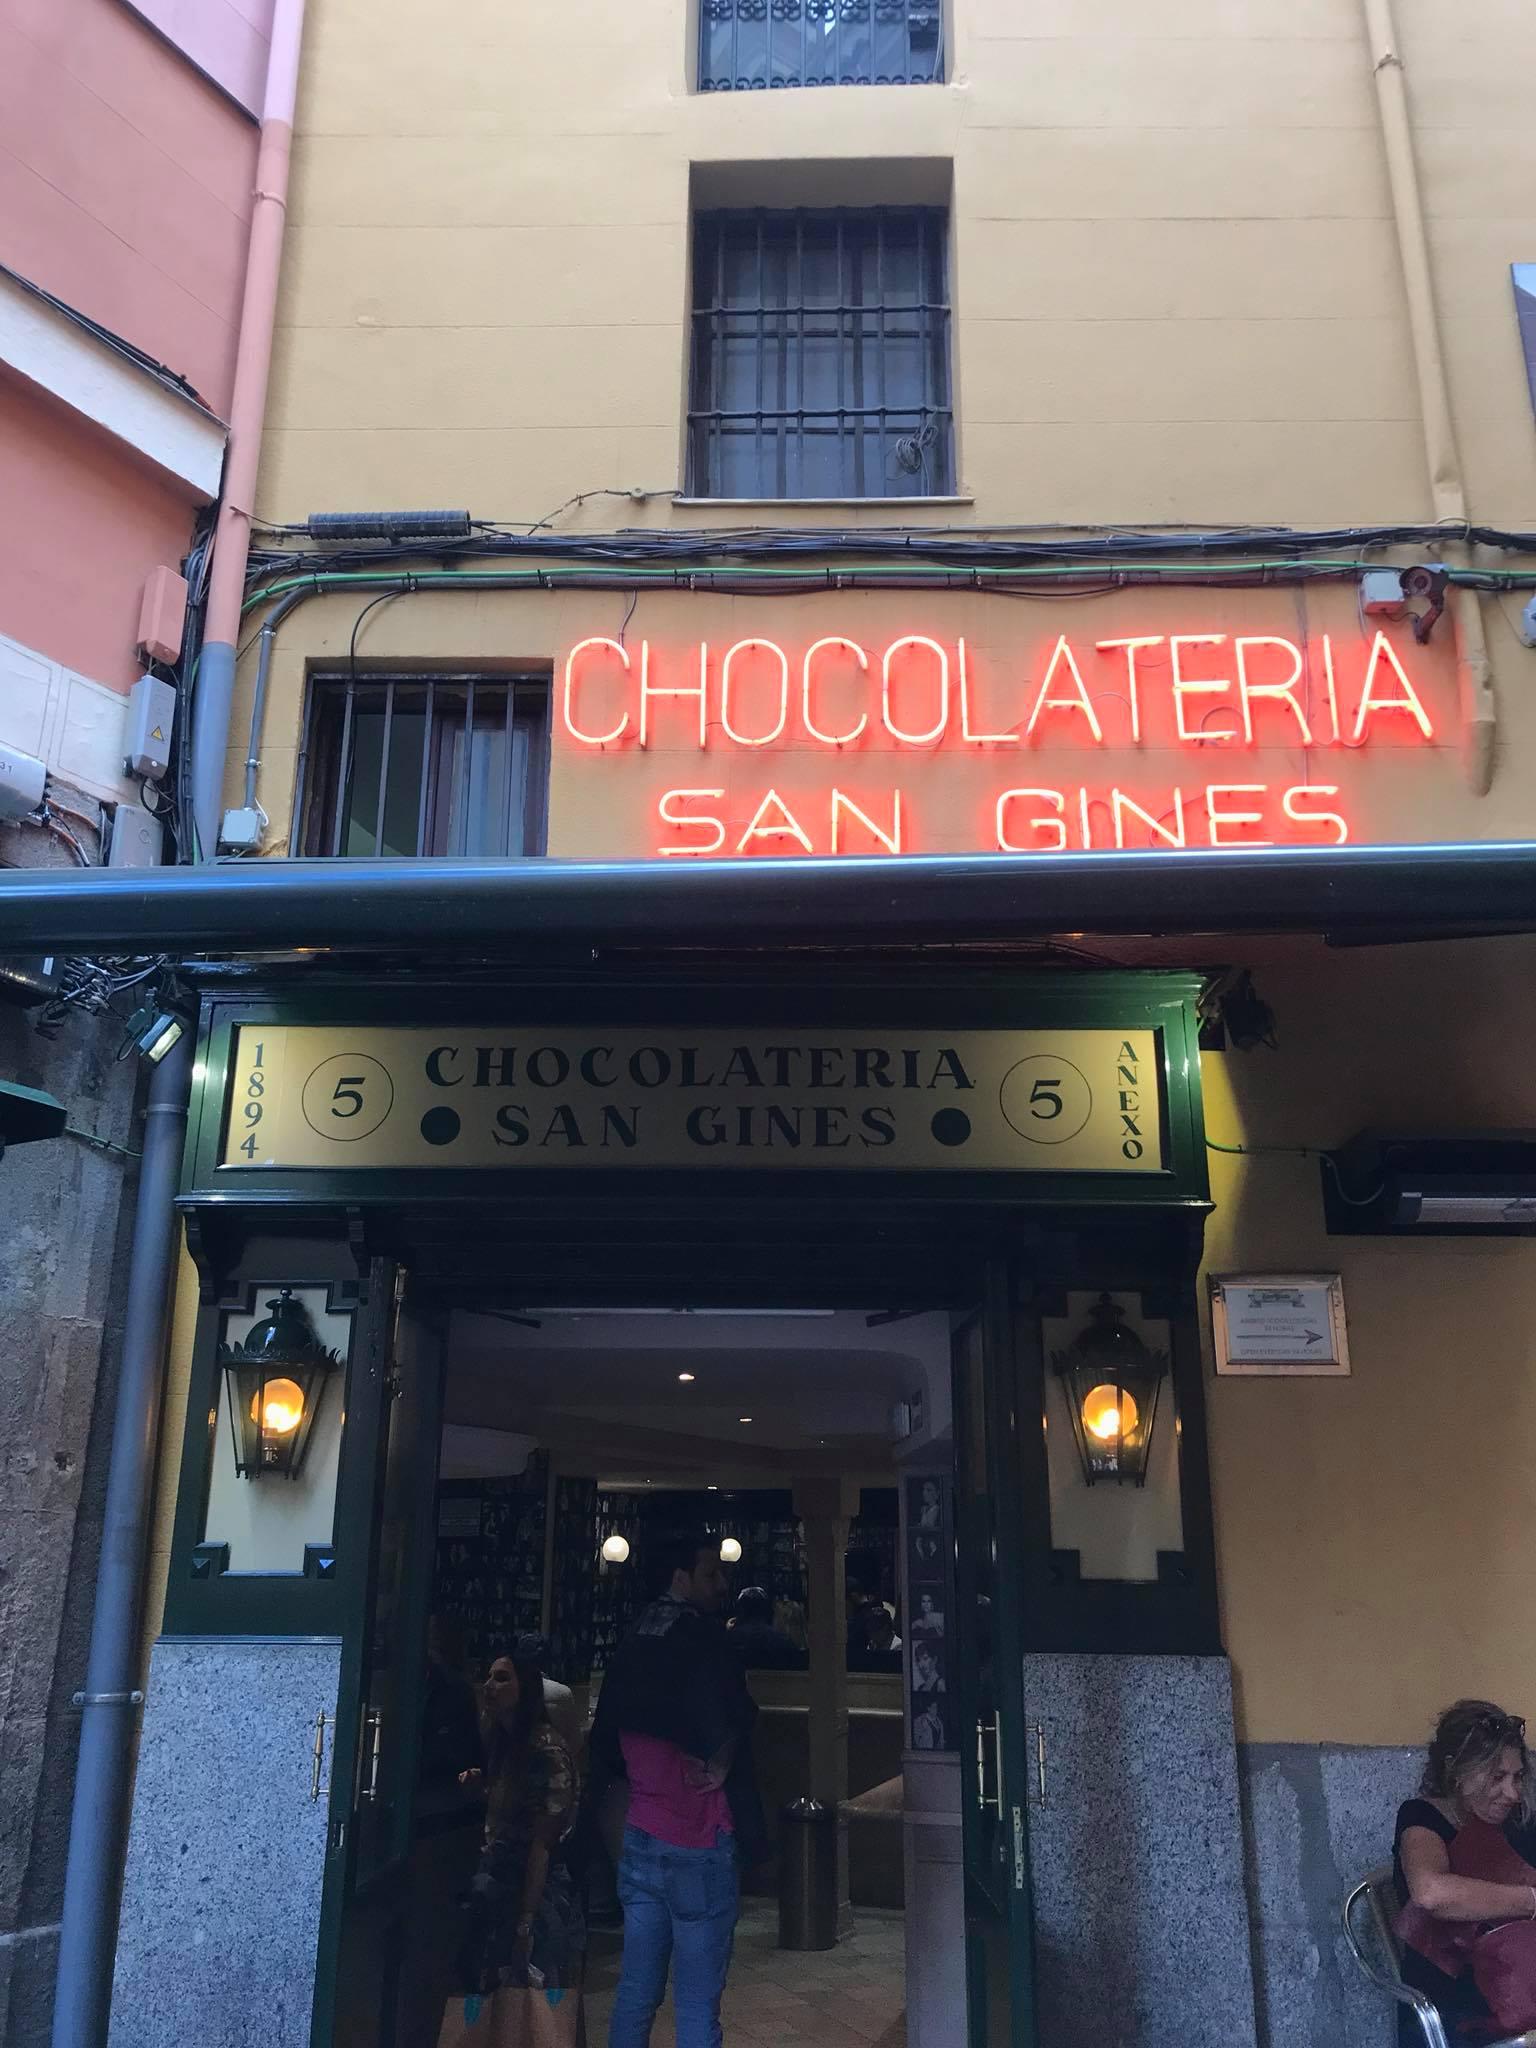 The famous Chocolatería San Ginés